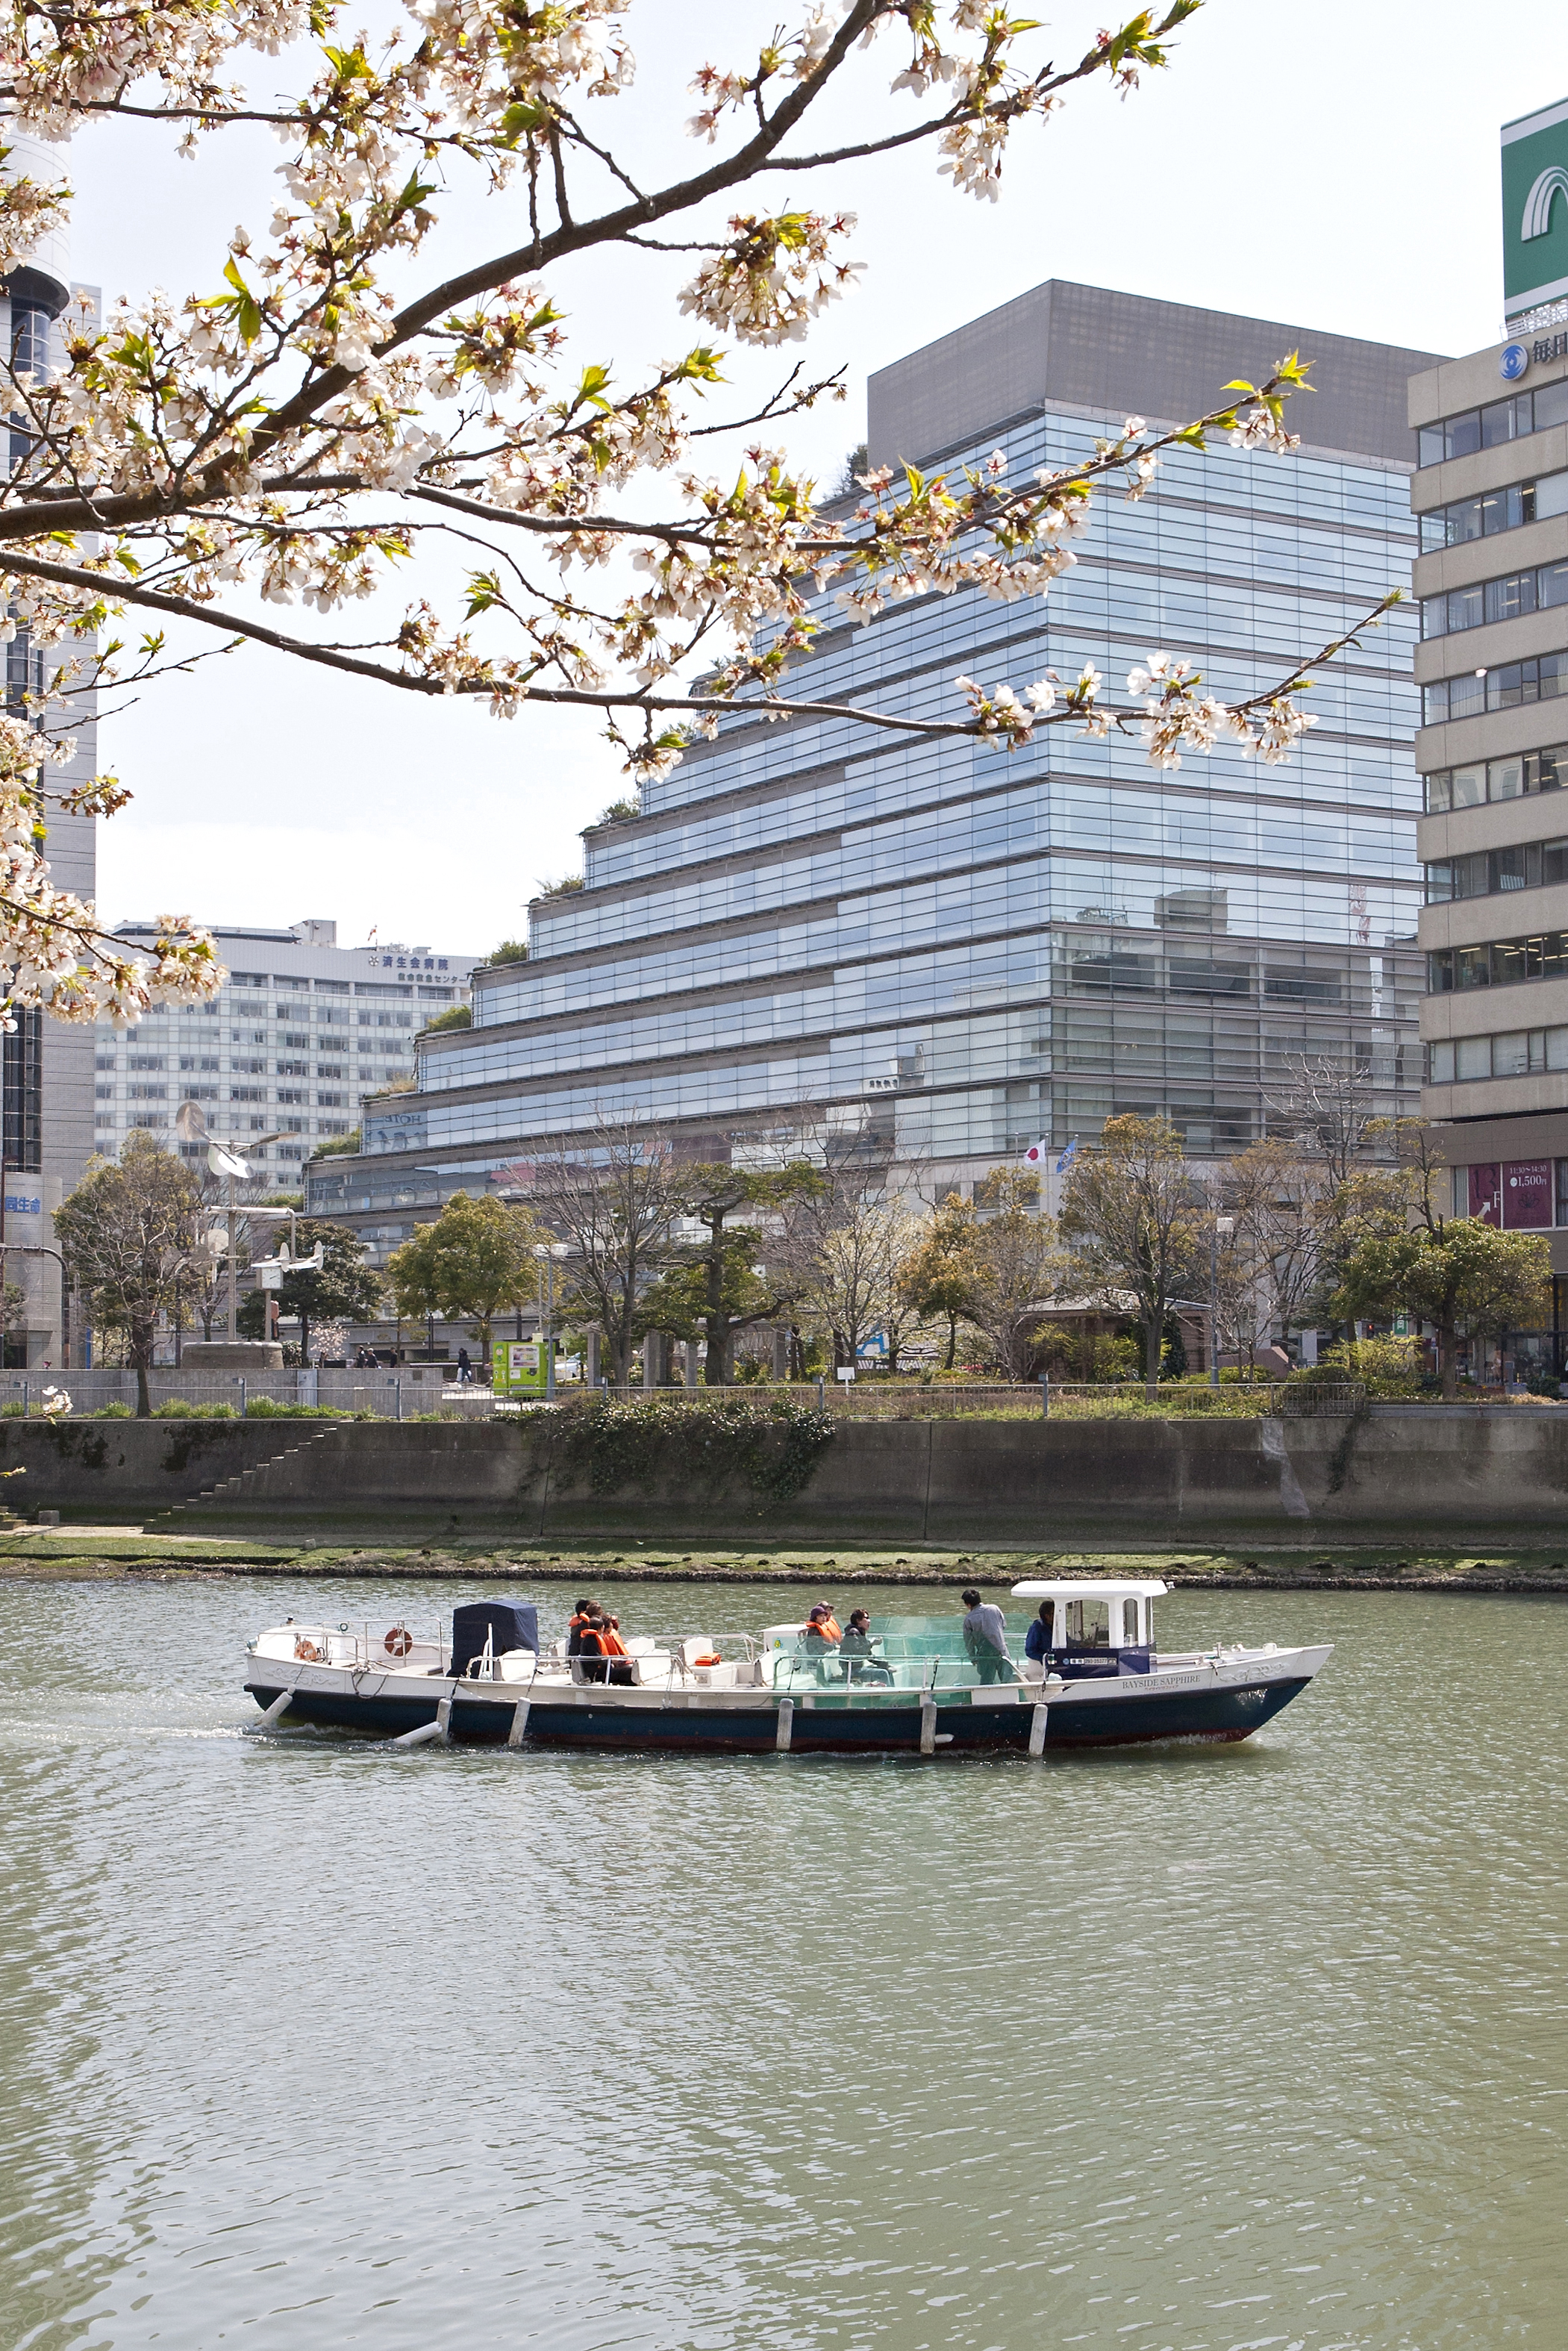 福博みなとであい船(2012)の画像